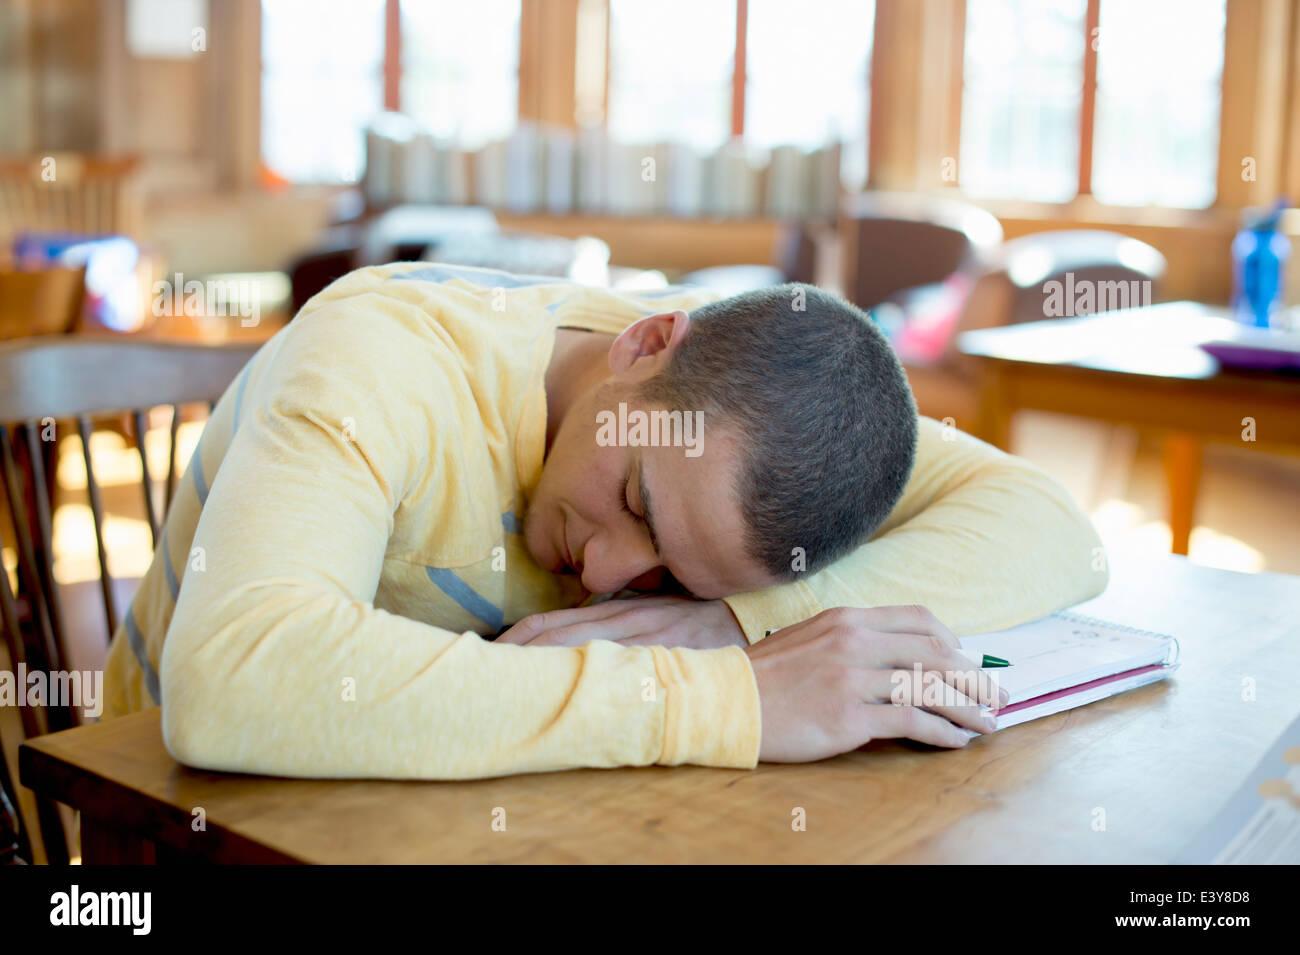 Jeune homme endormi sur le livre Photo Stock